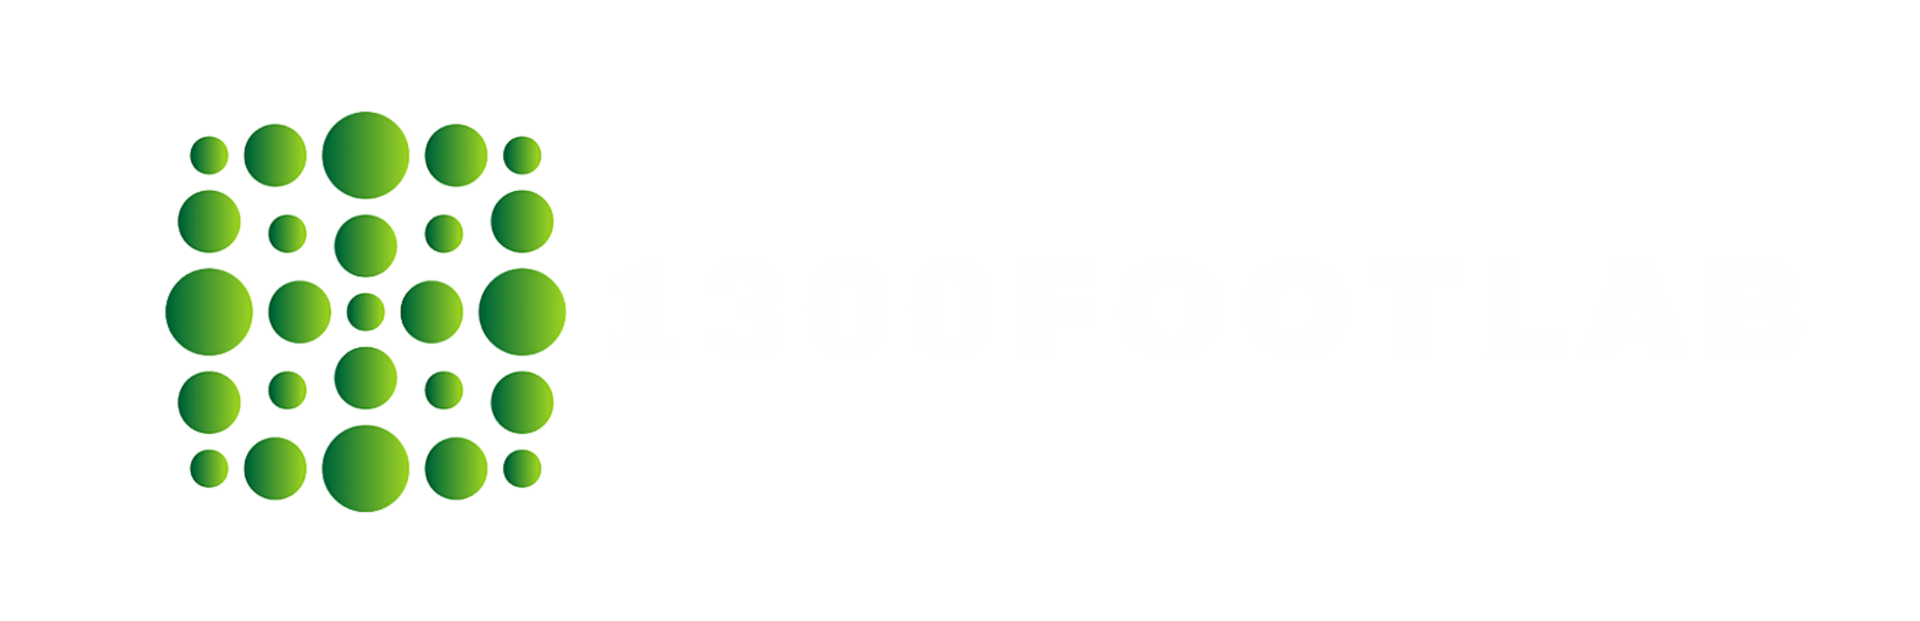 1300 Foot Lab